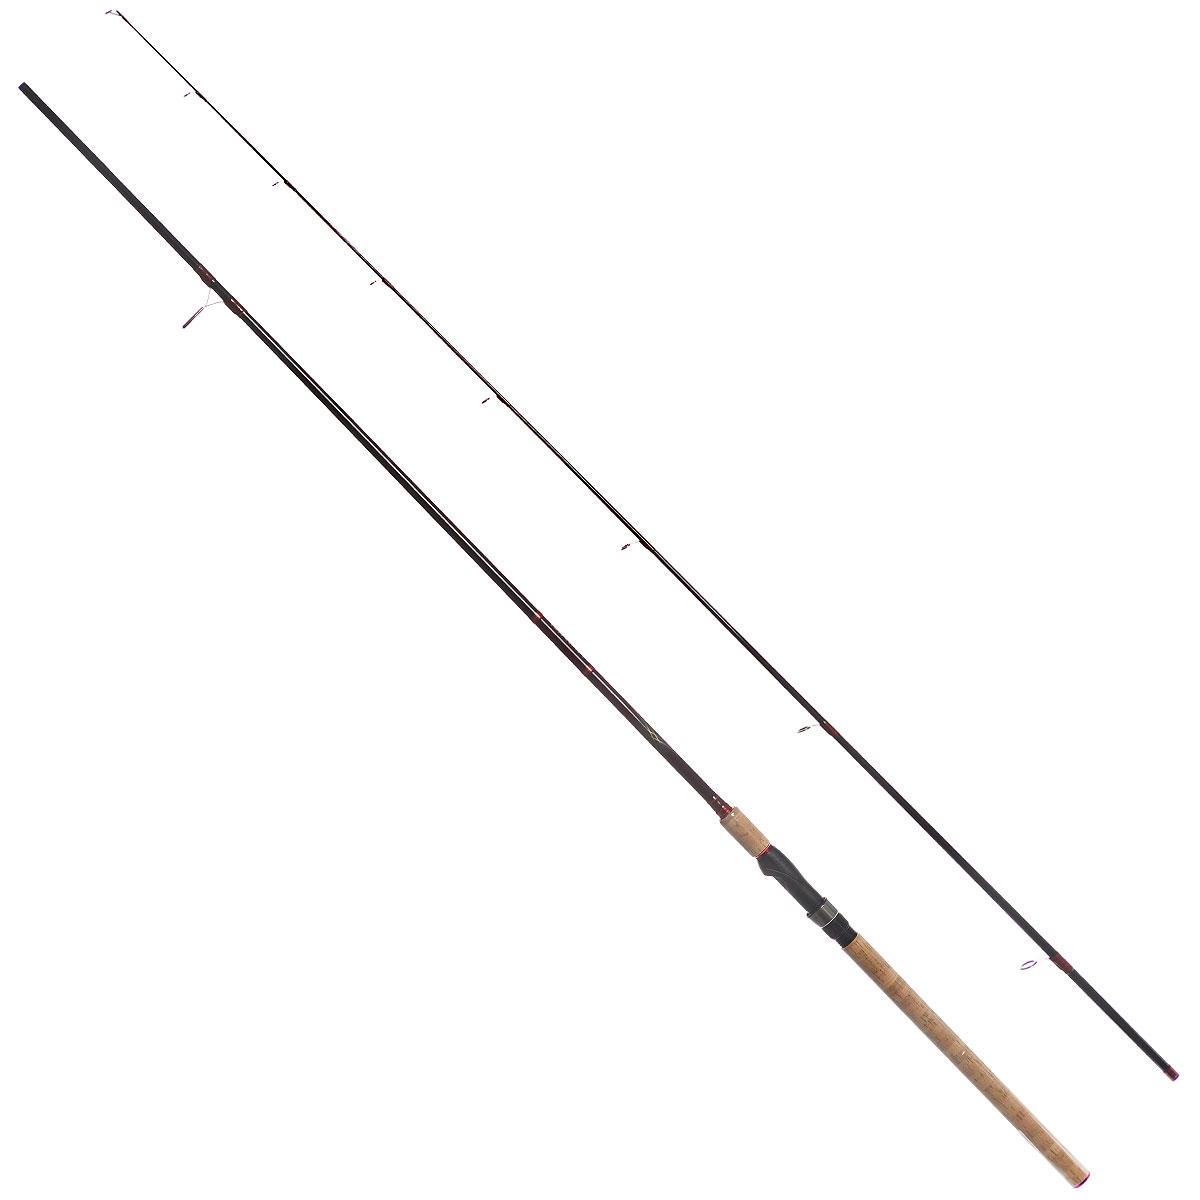 Удилище спиннинговое Daiwa Vulcan-AR, штекерное, цвет: черный, 3,05 м, 10-40 г удилище спиннинговое daiwa megaforce штекерное 2 4 м 2 14 г